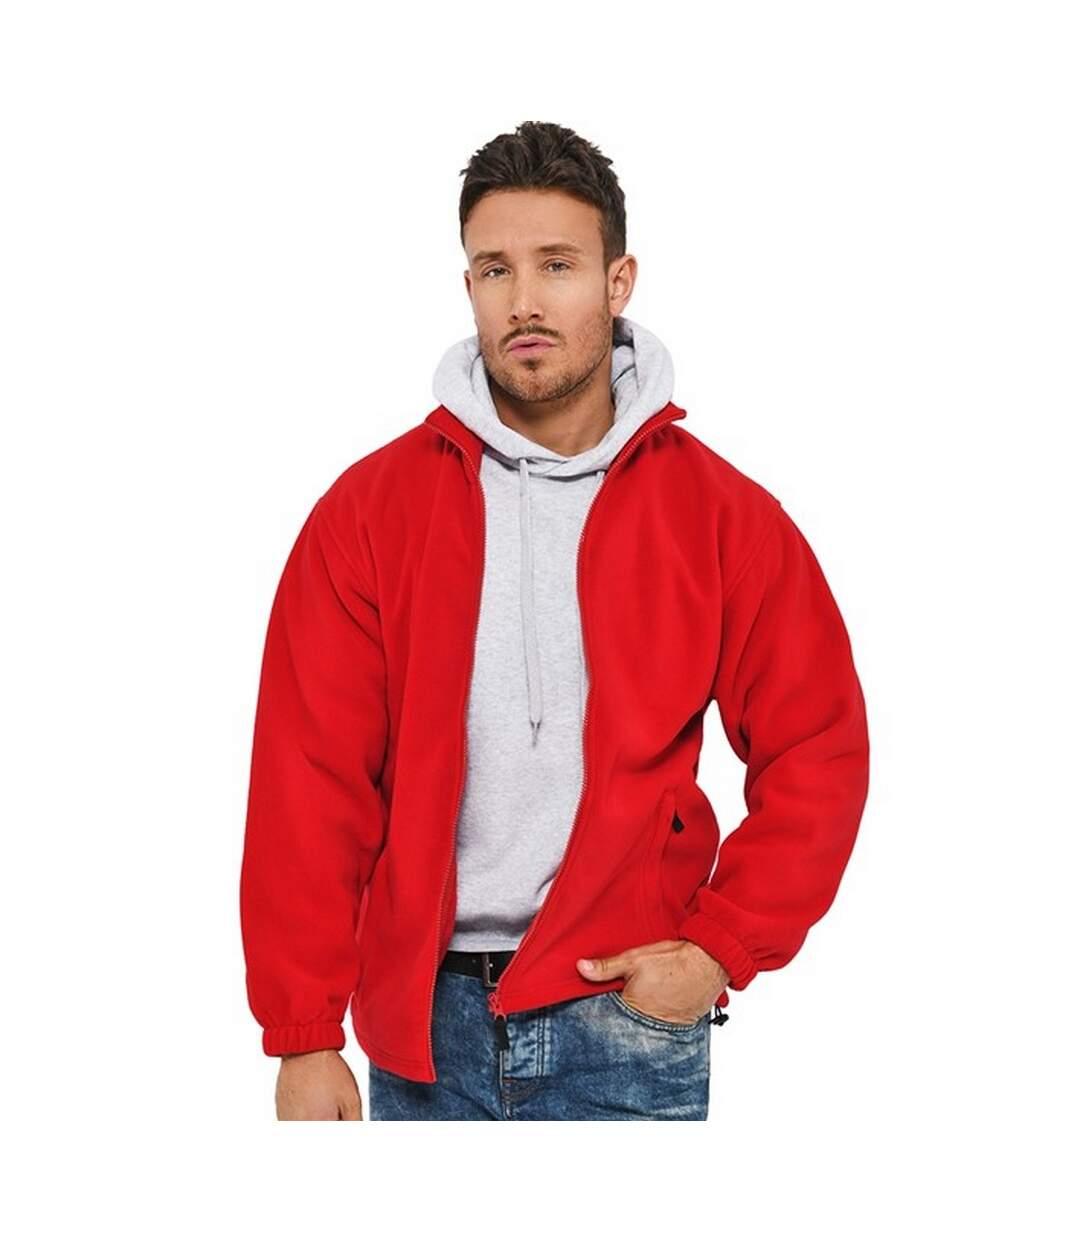 Absolute Apparel Heritage Full Zip Fleece (Red) - UTAB128